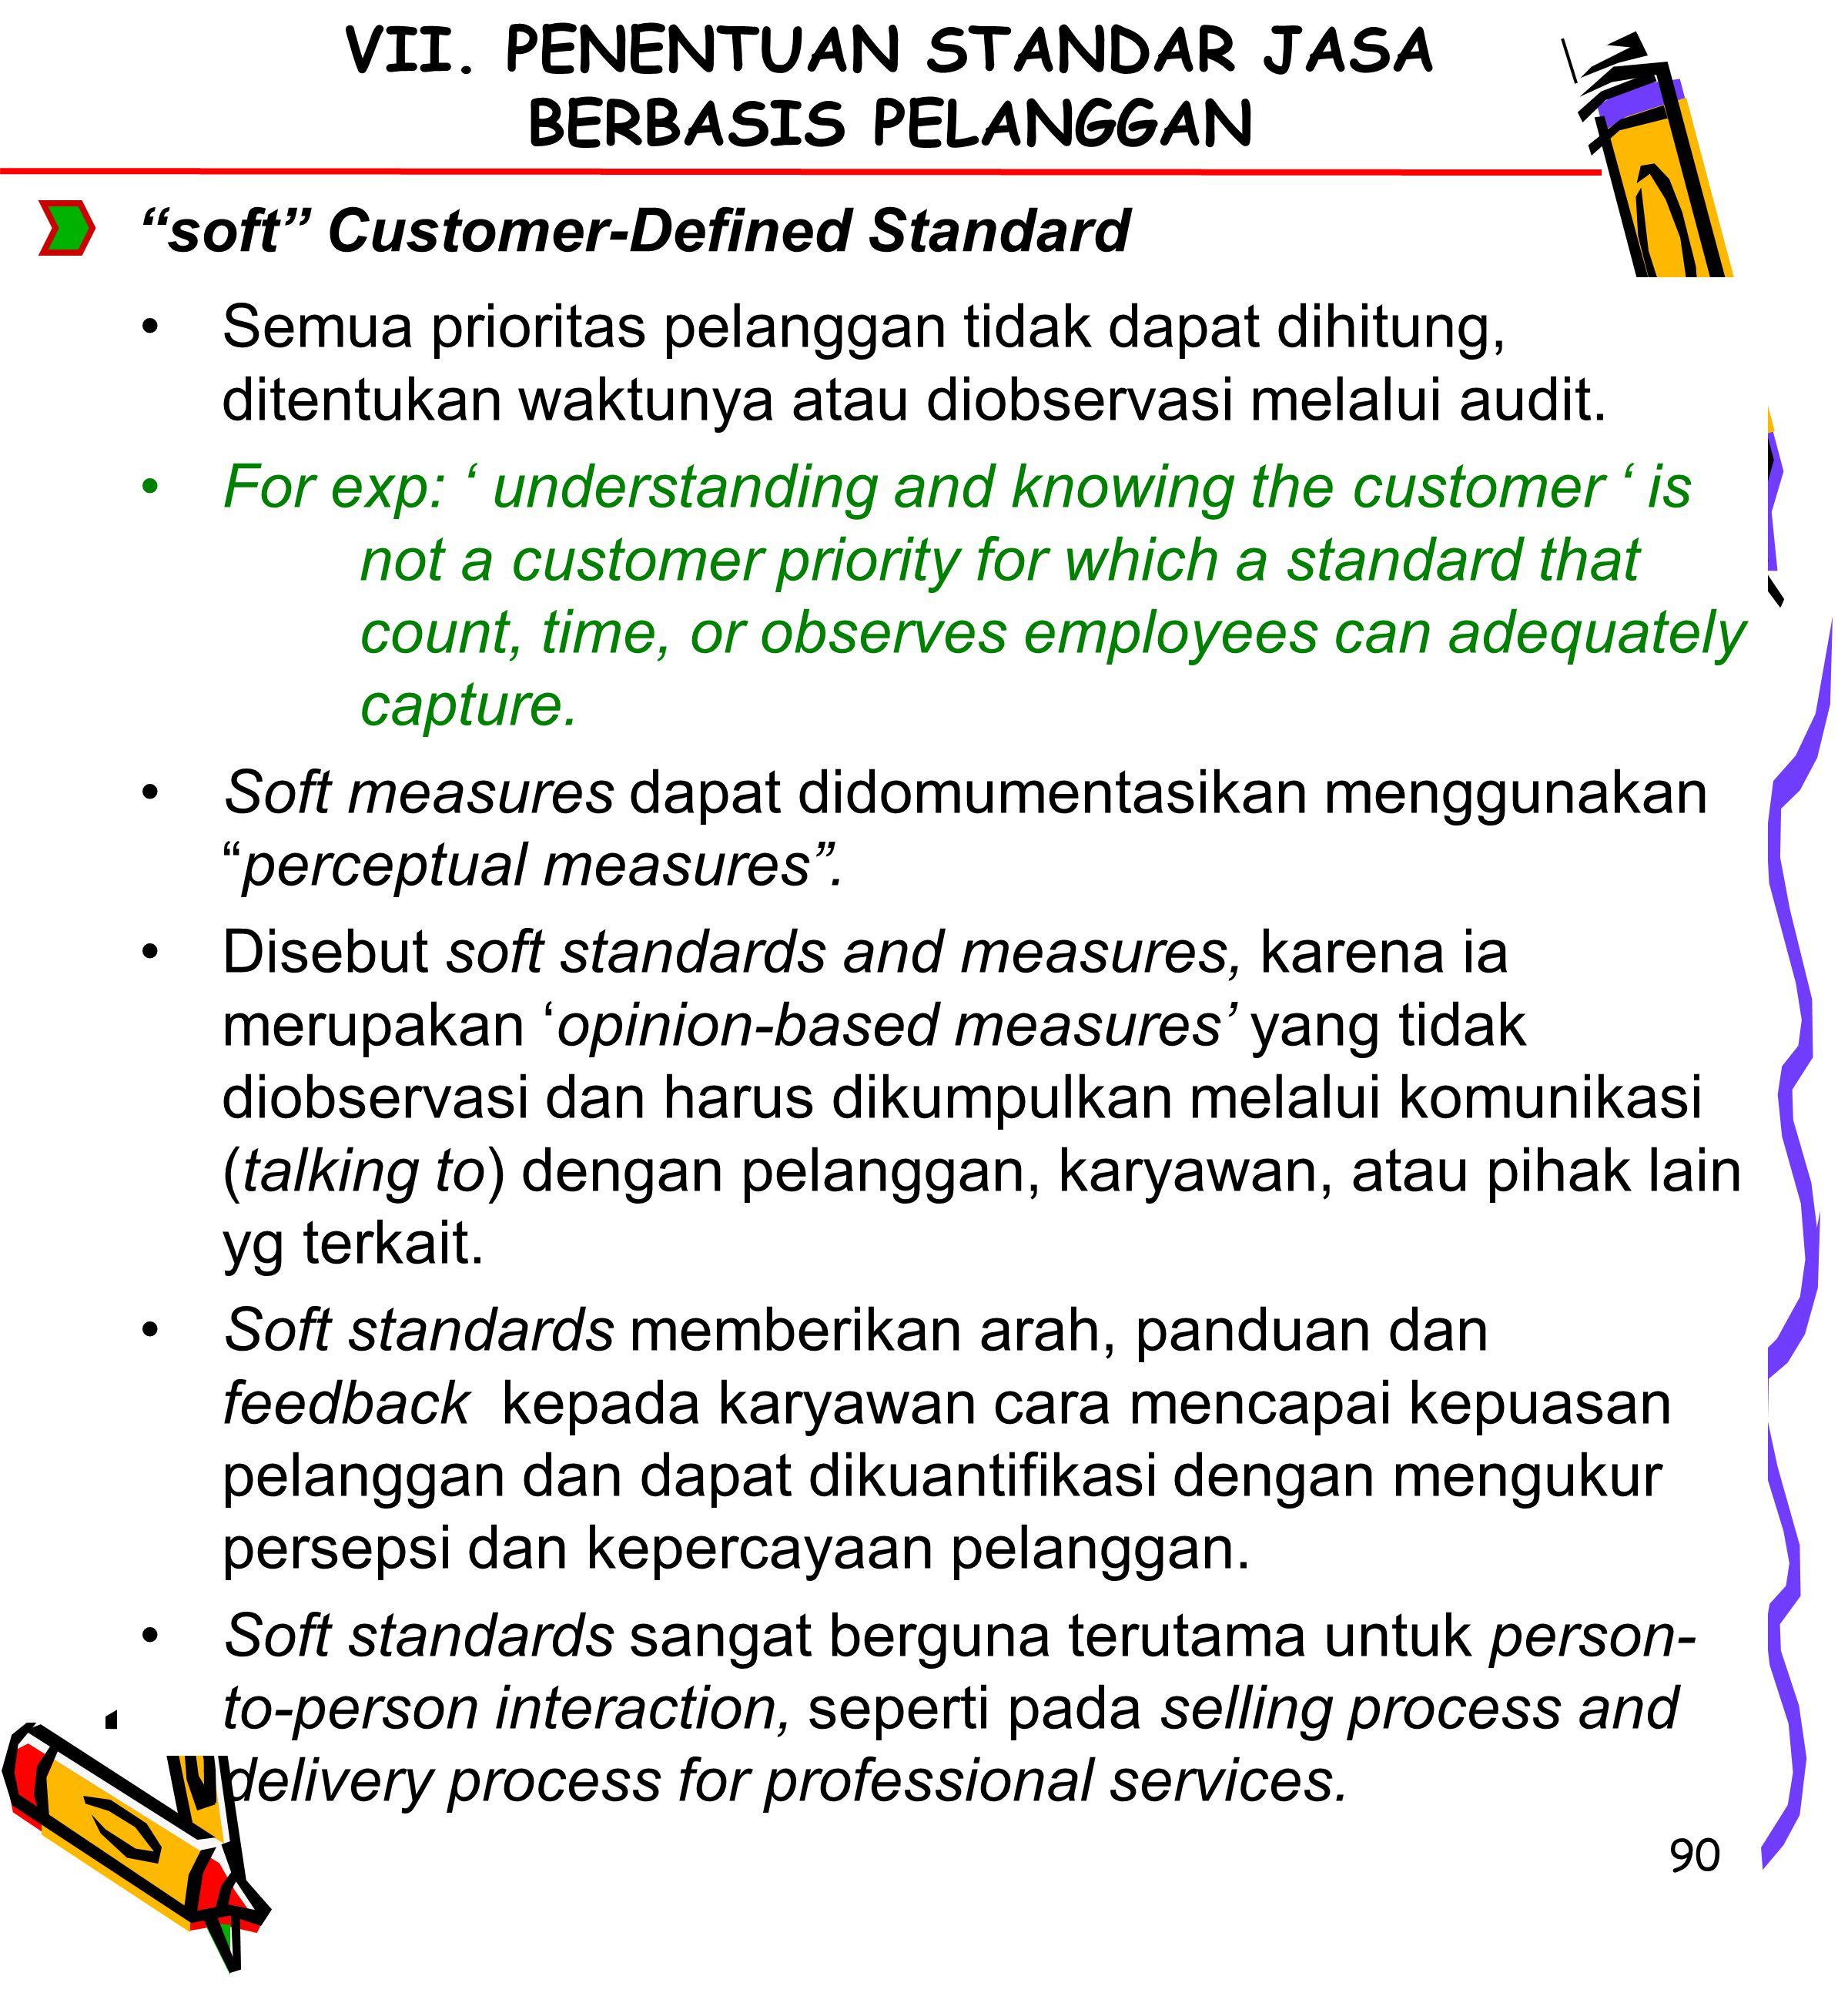 90 Semua prioritas pelanggan tidak dapat dihitung, ditentukan waktunya atau diobservasi melalui audit.